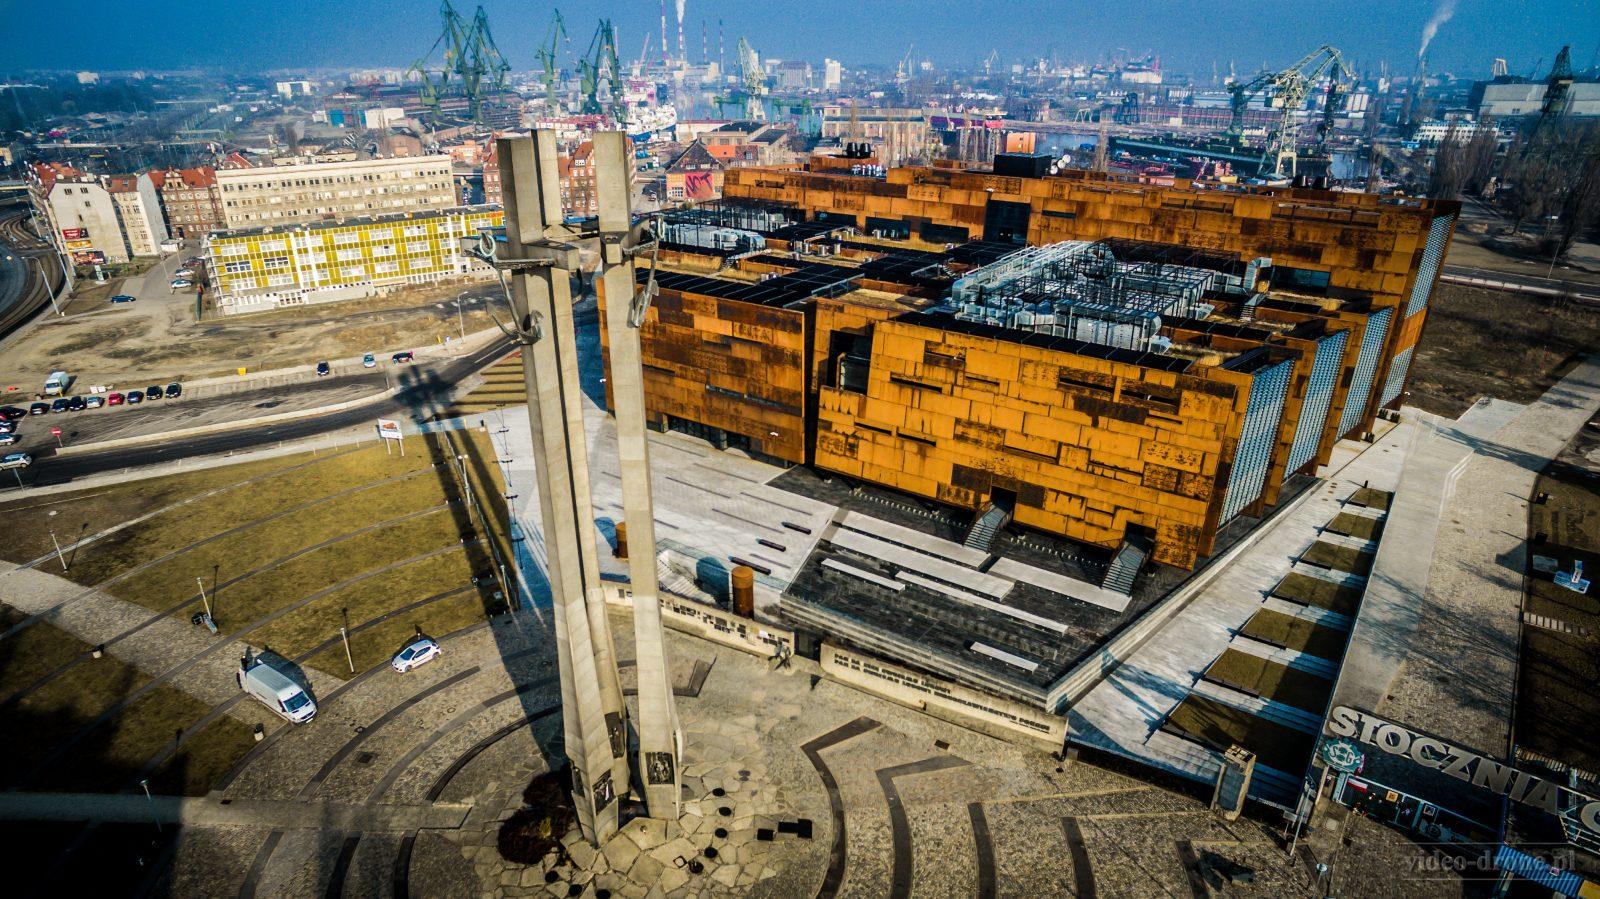 dron-zdjecie-z-drona-gdansk-pomnik-poleglych-stoczniowcow-film-z-drona-dron